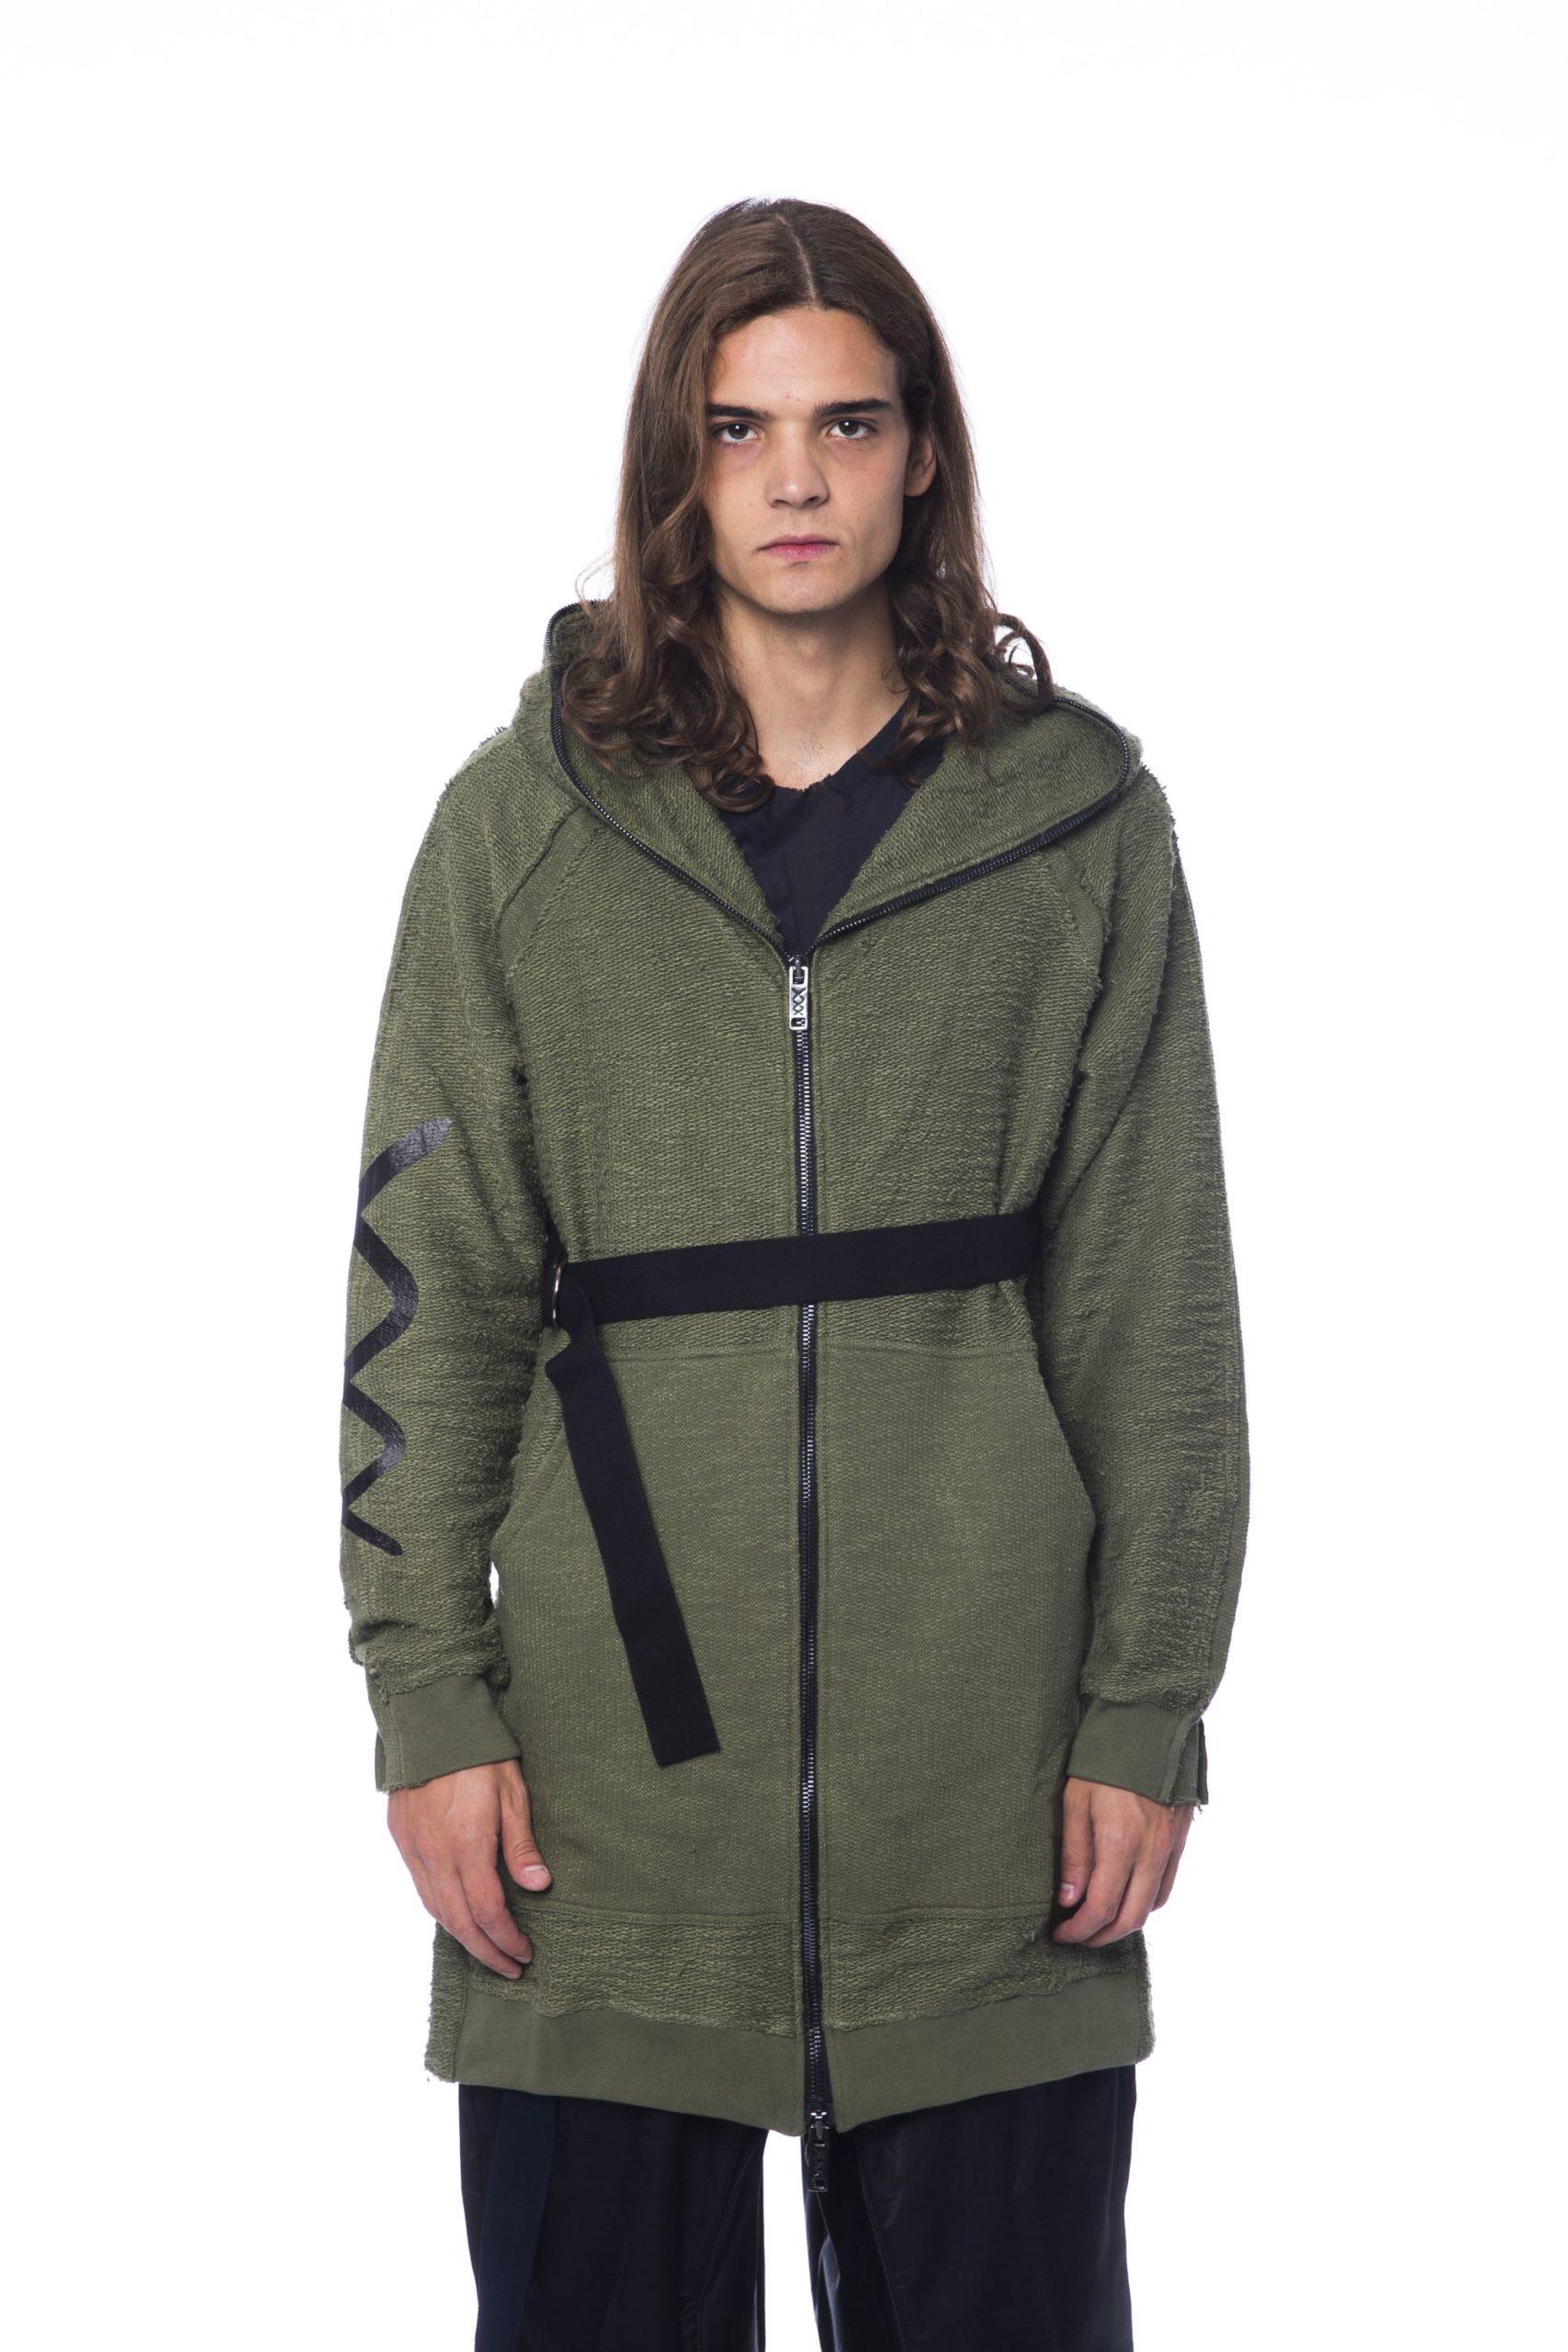 Nicolo Tonetto Men's Sweater Army NI1273169 - M